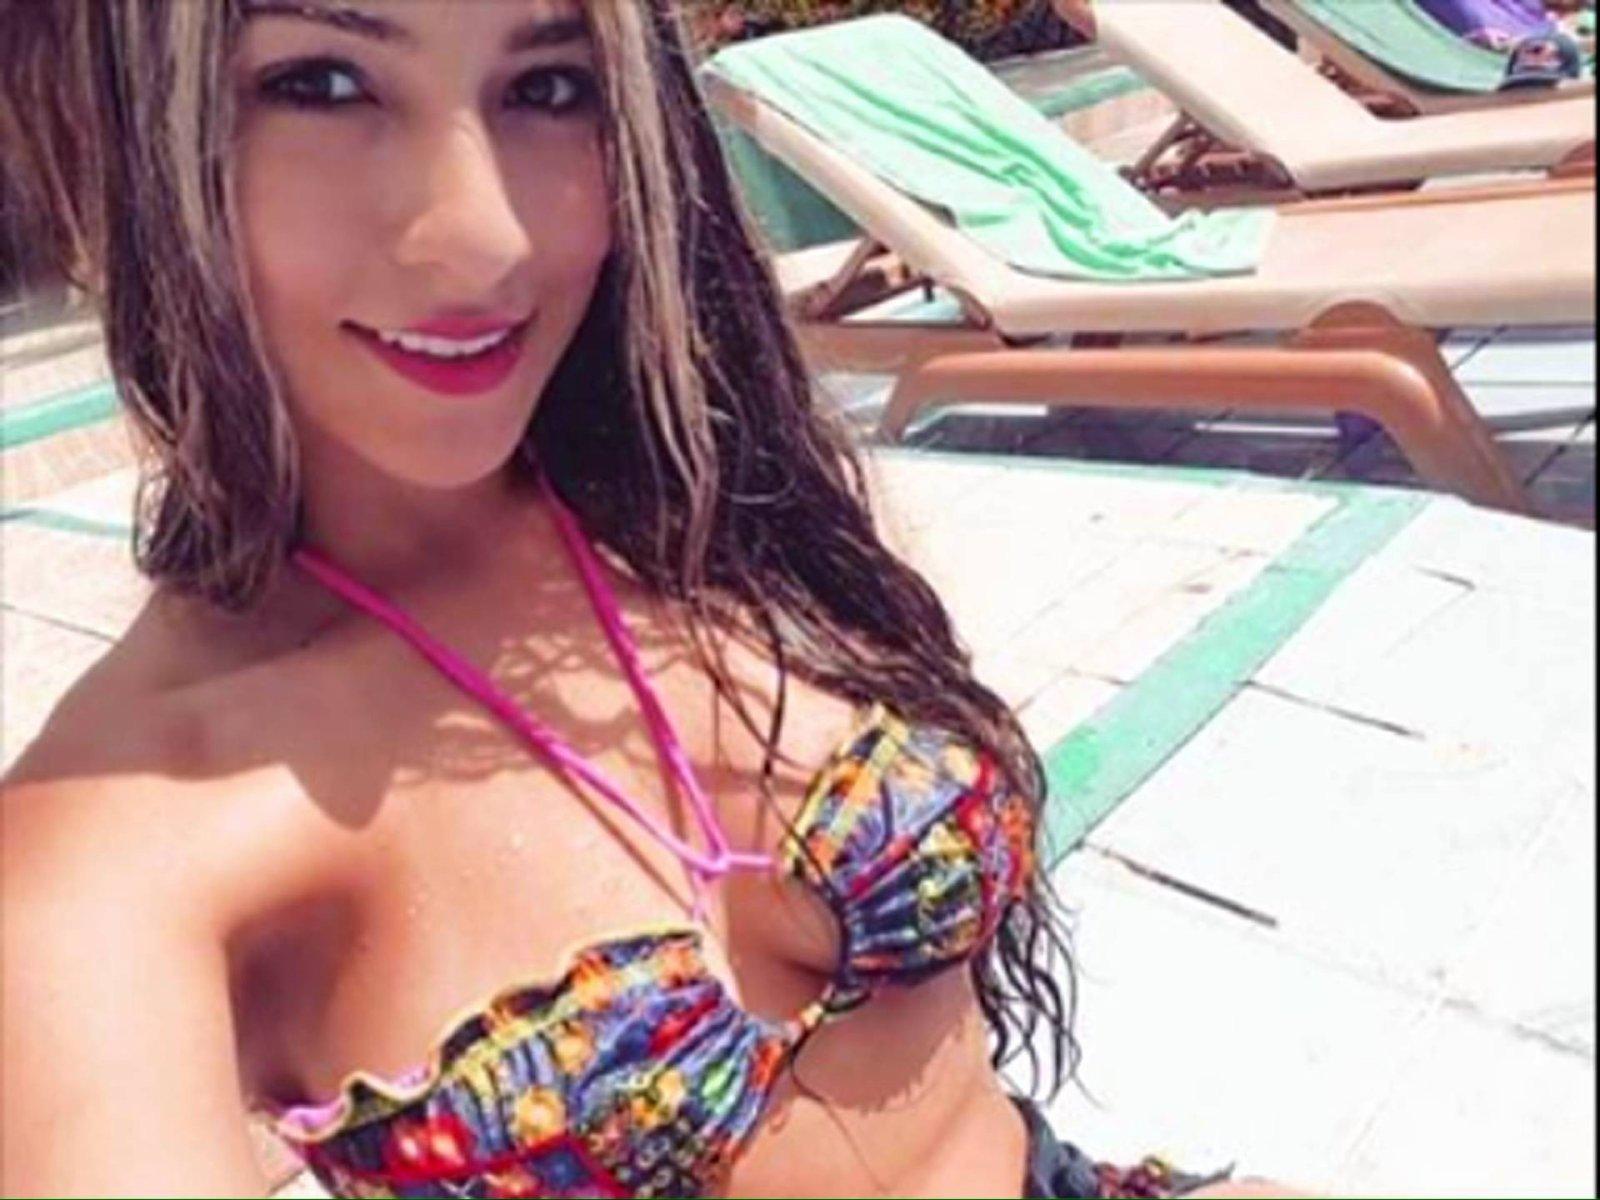 Μάρντι Γκρα λεσβιακό σεξ